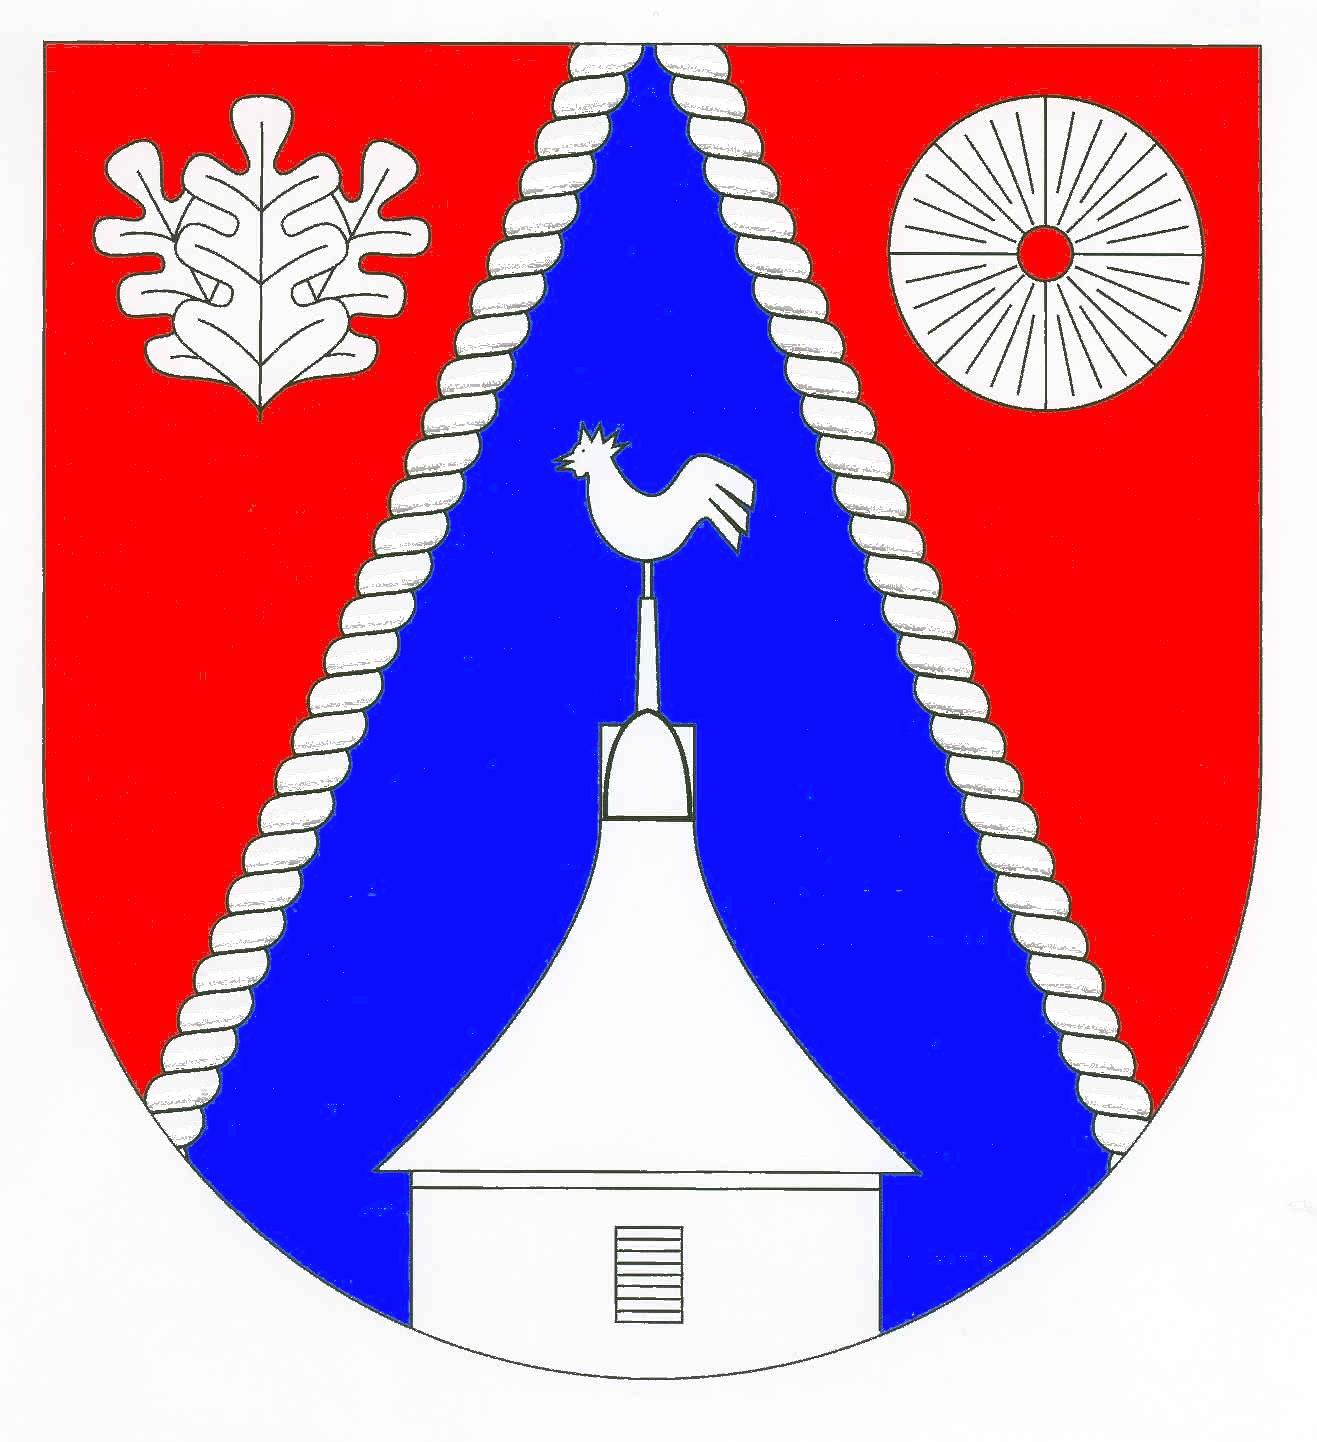 Wappen GemeindeDänischenhagen, Kreis Rendsburg-Eckernförde